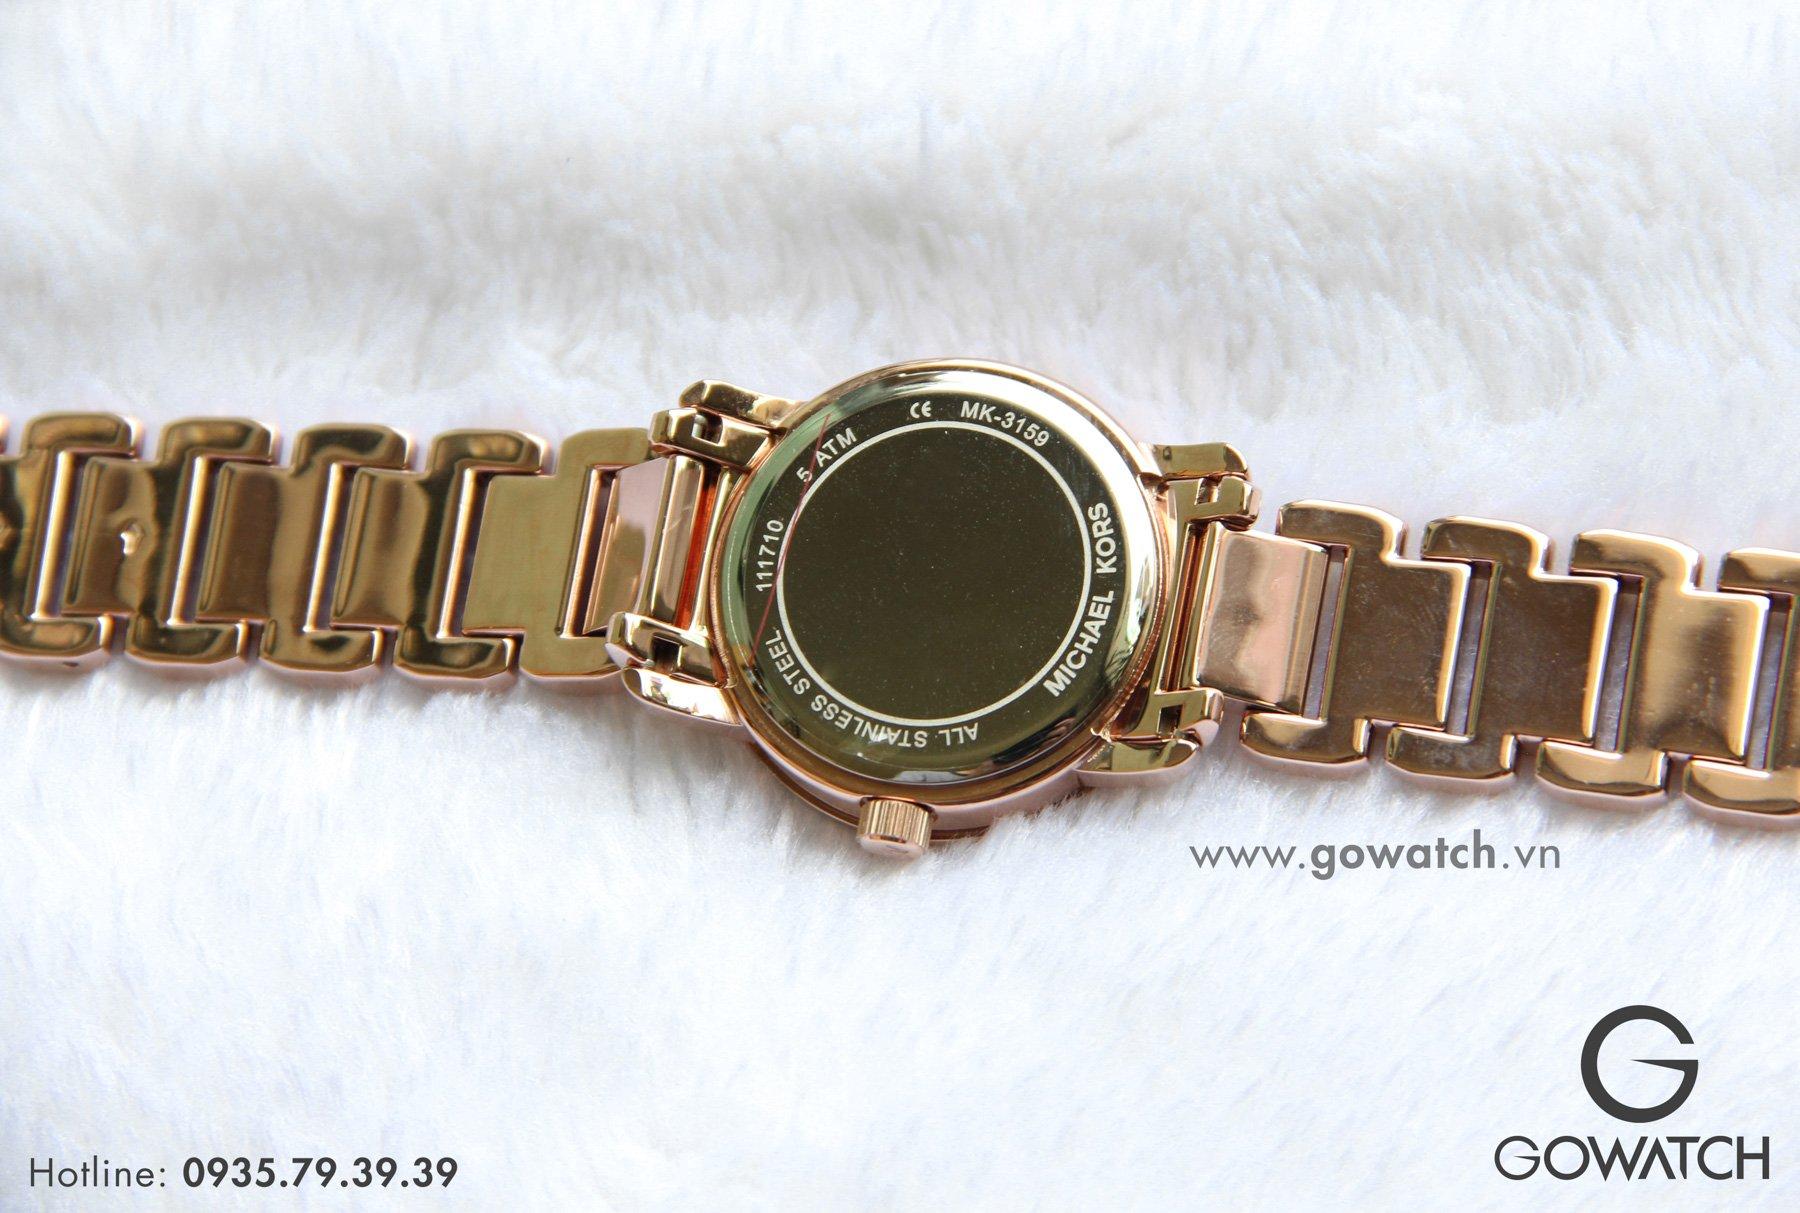 d4df7e8eeaac Đồng Hồ MICHAEL KORS Nữ Chính Hãng MK3159 Runway Rose Dial Ladies Watch